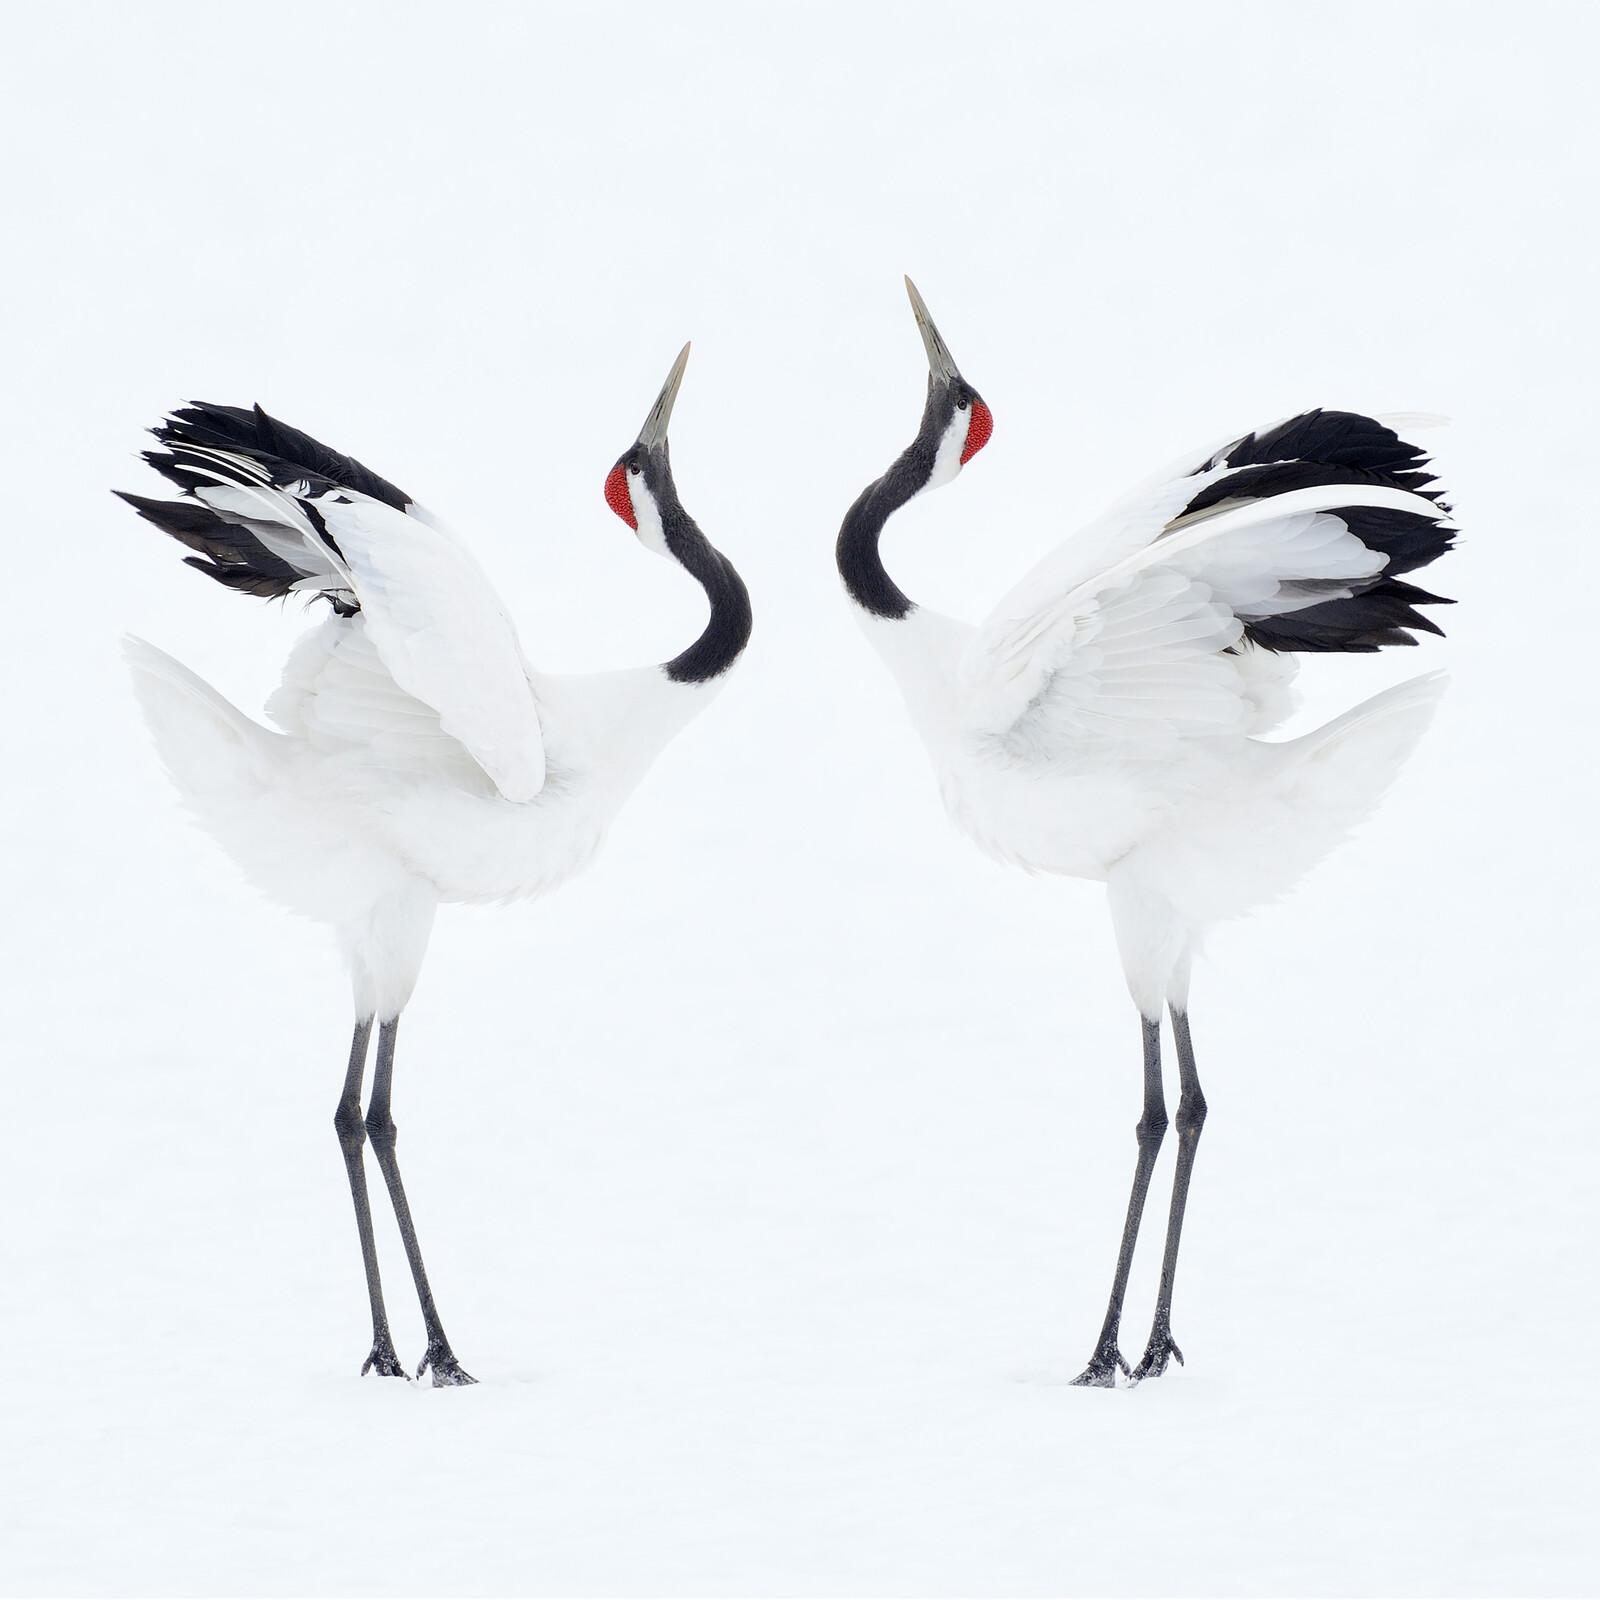 Beauty Through Order - Marsel Van Oosten